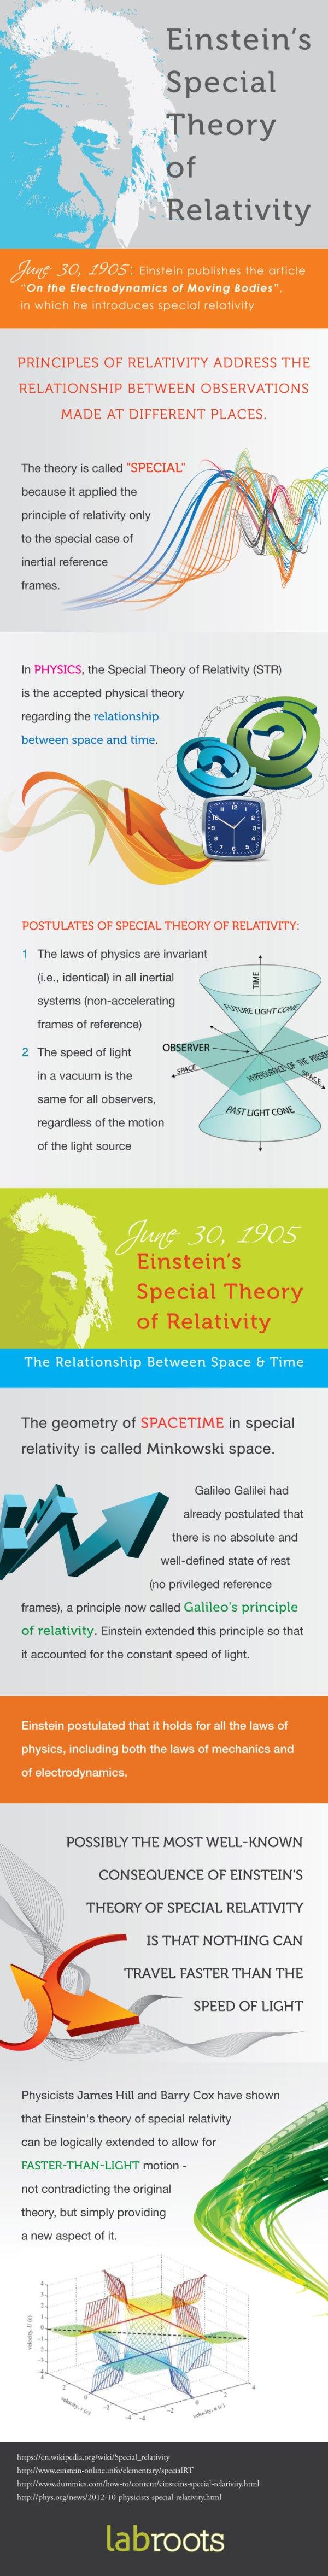 relativity-infographic